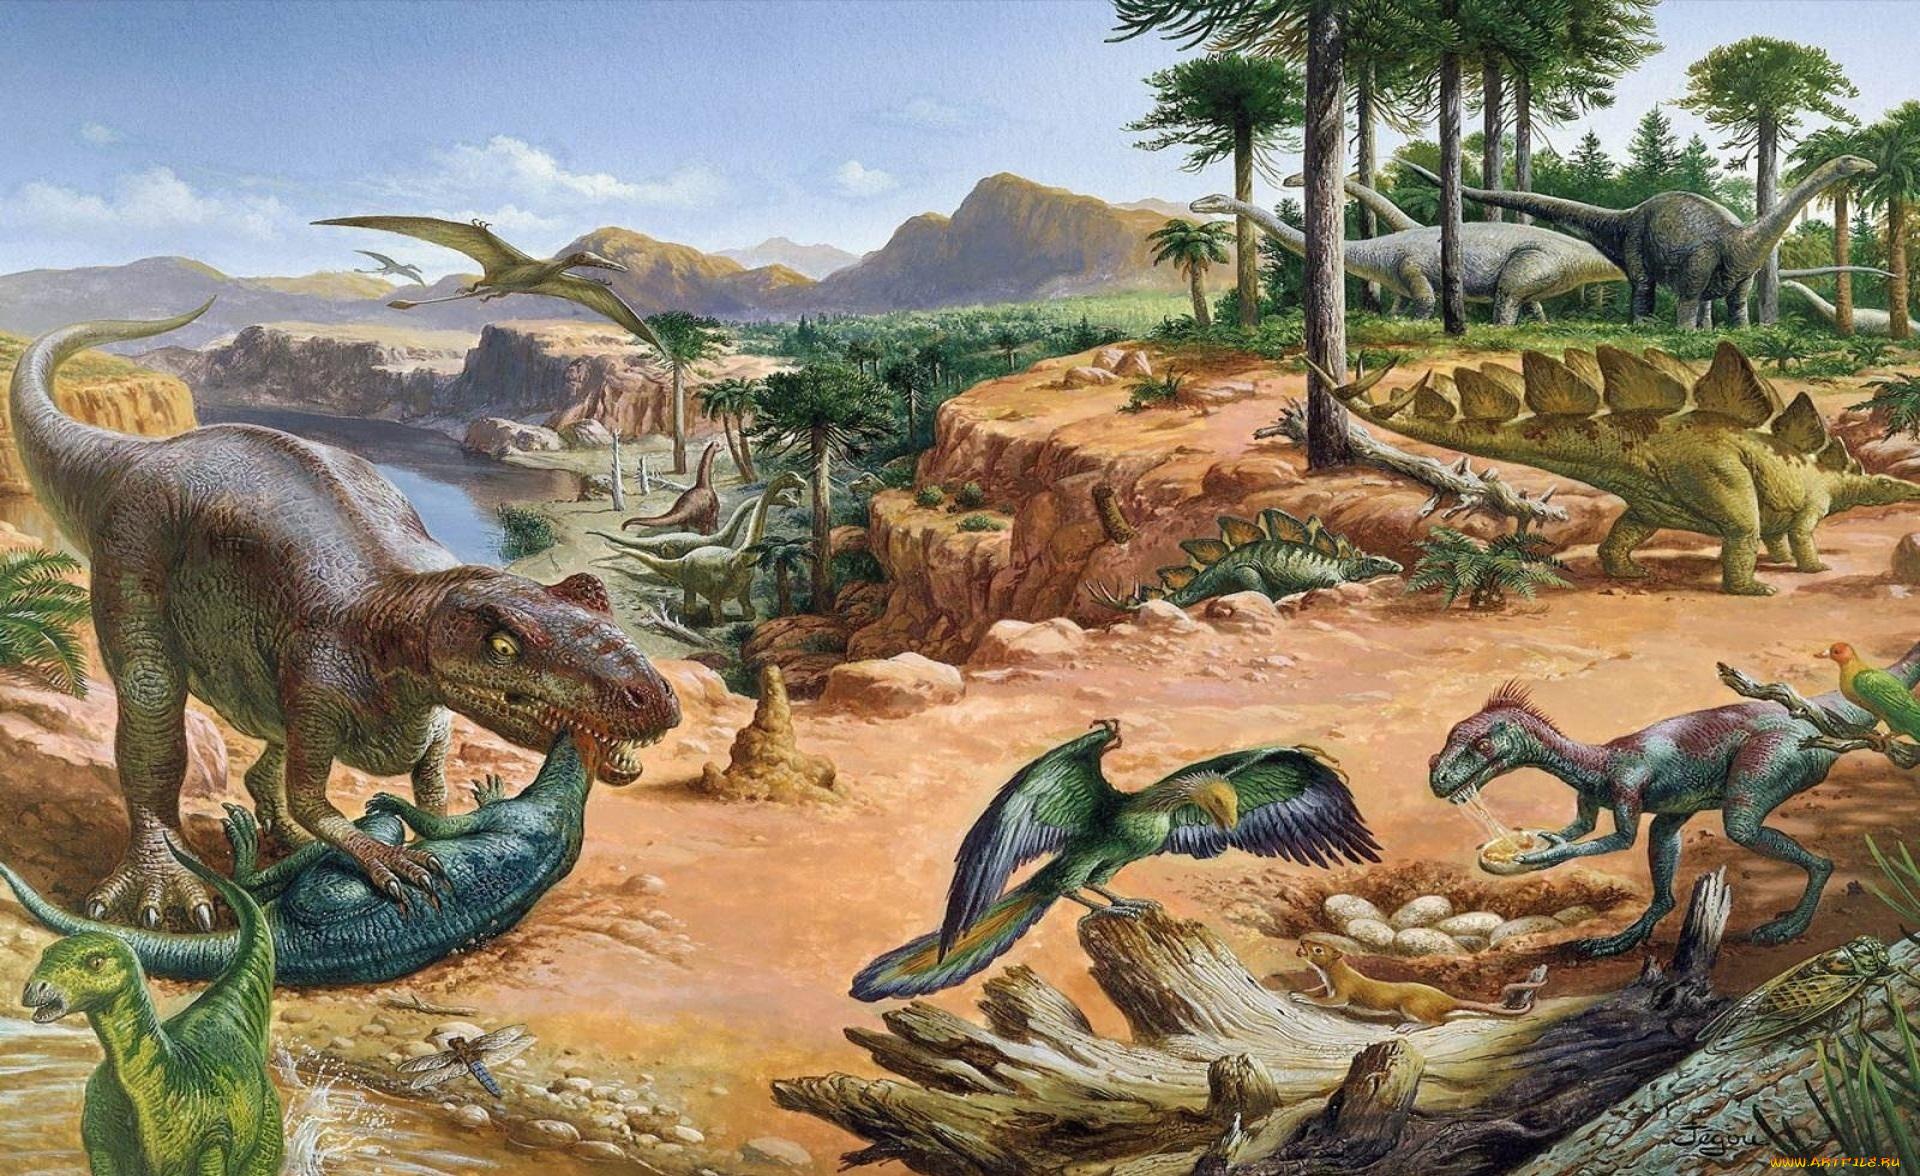 Картинки древнего мира с динозаврами